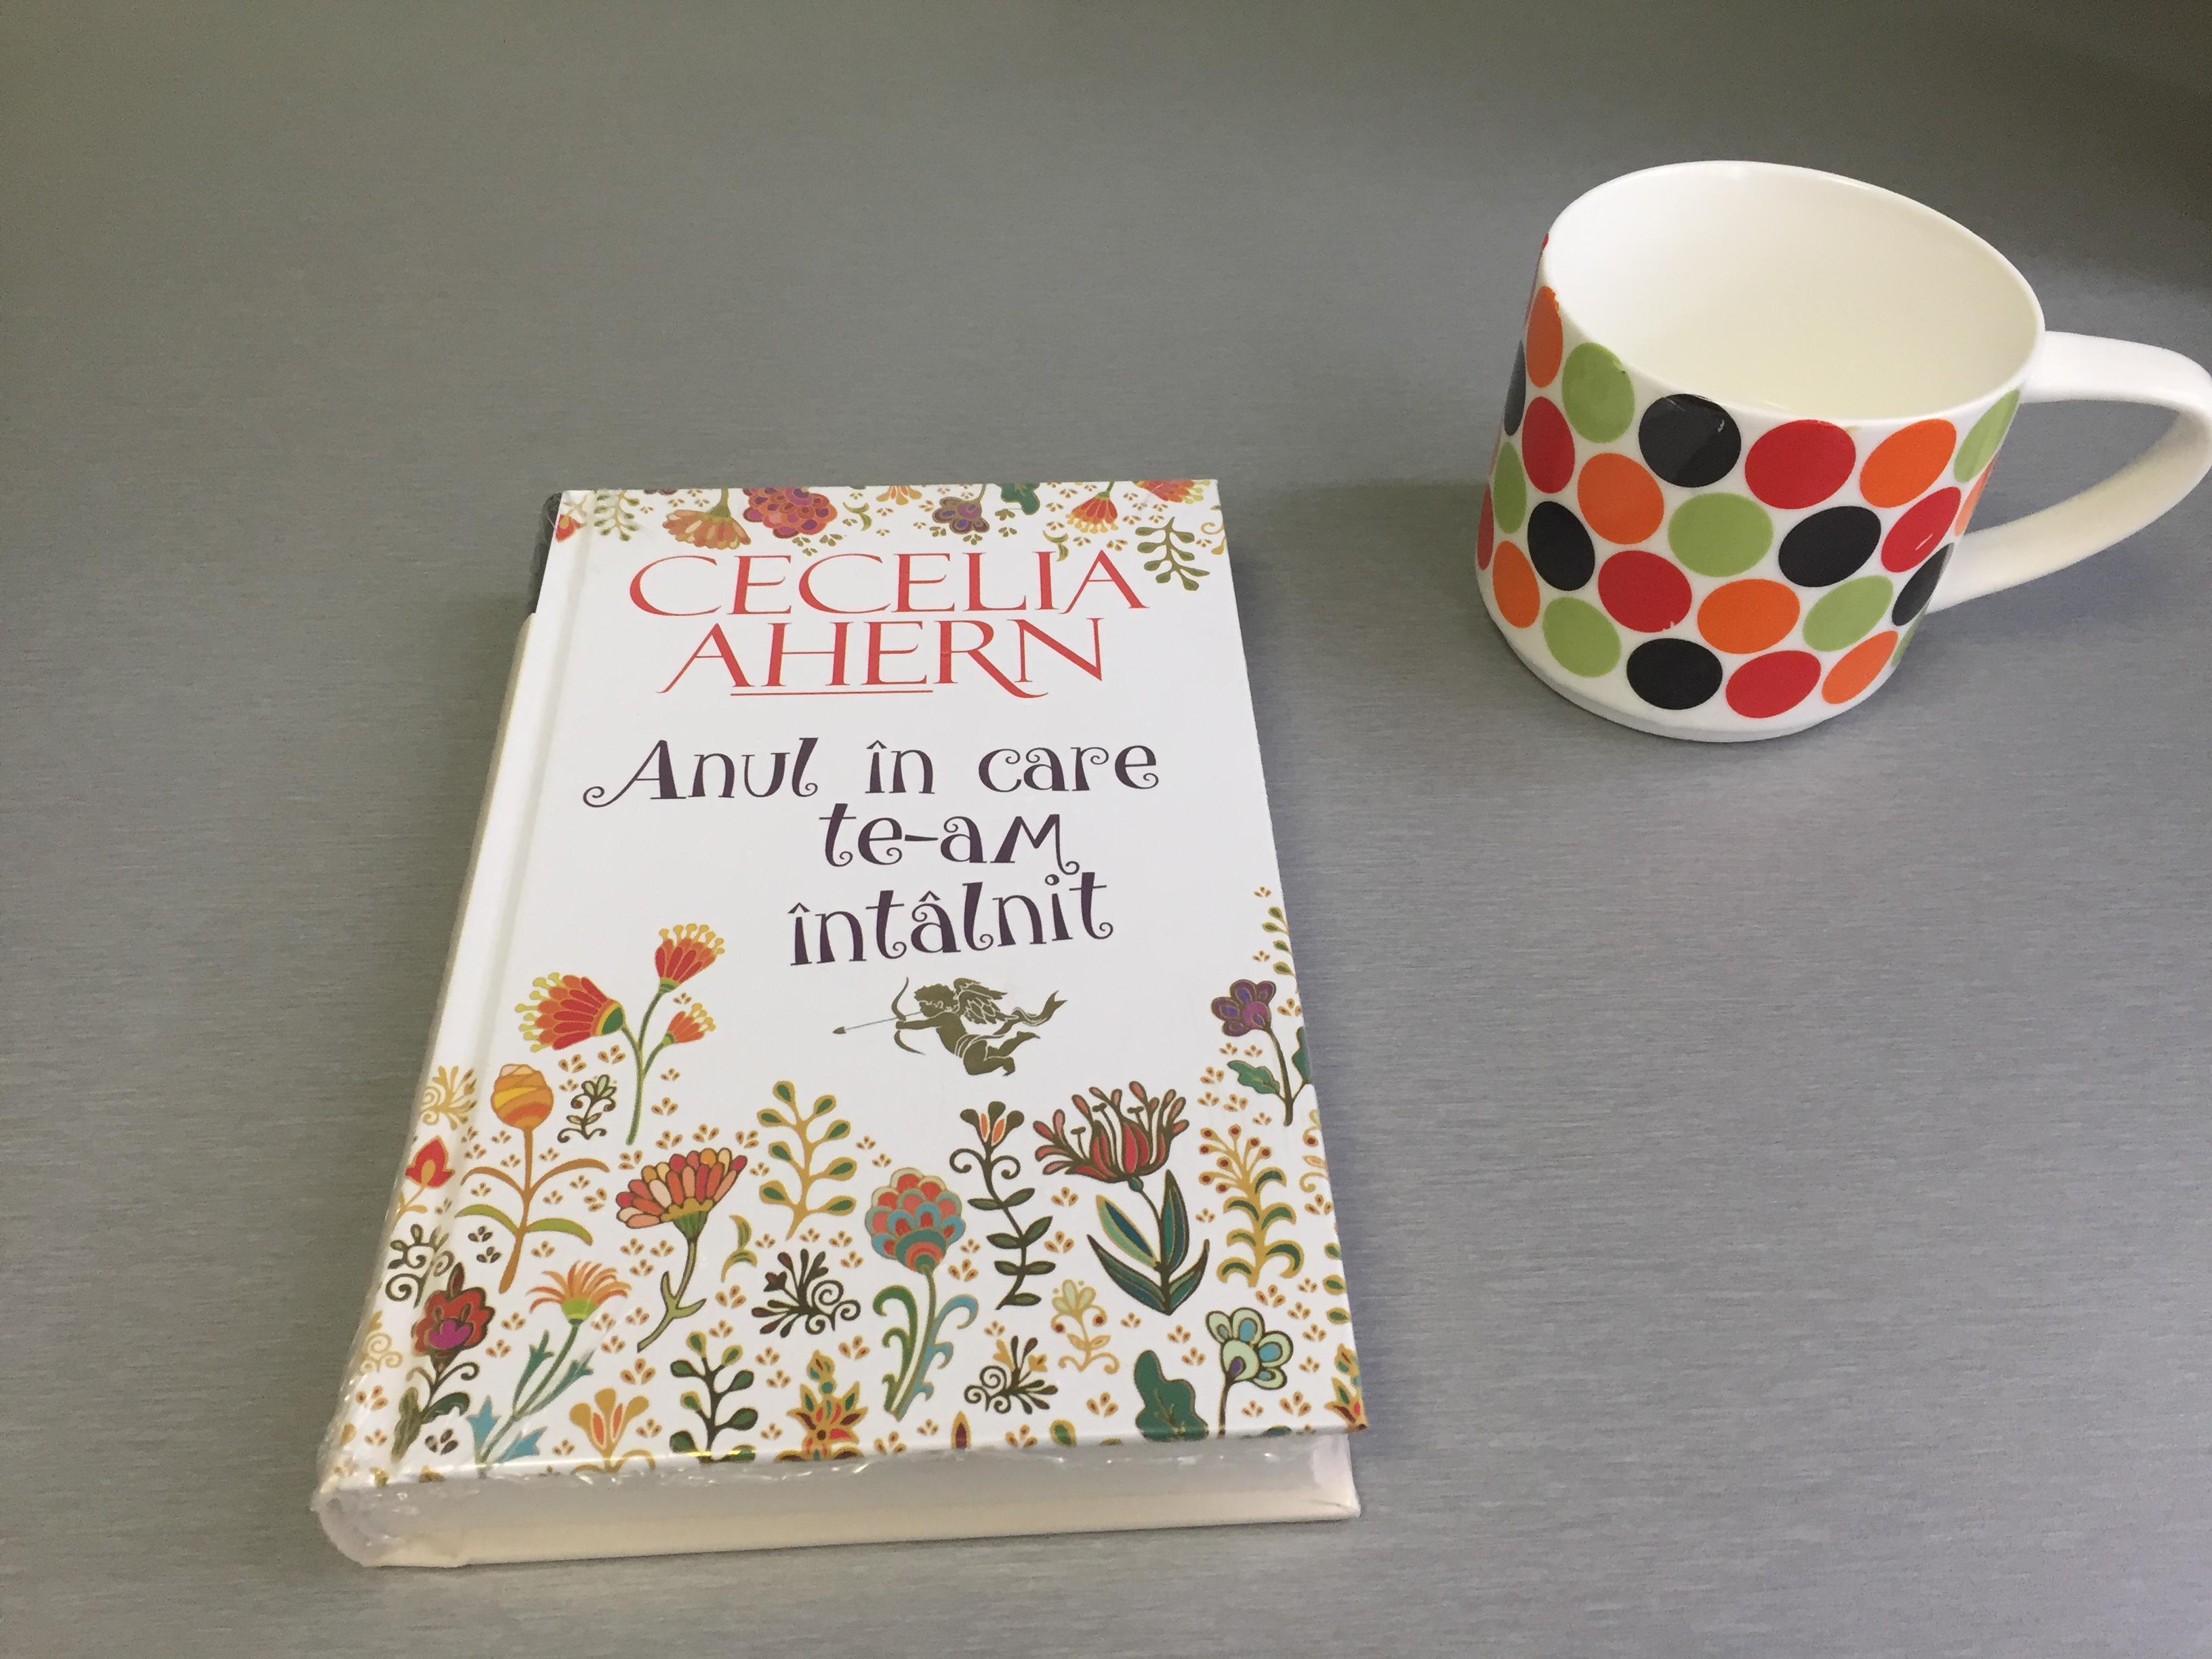 Anul in care te-am intalnit, de Cecelia Ahern – ganduri pentru pofta de viata